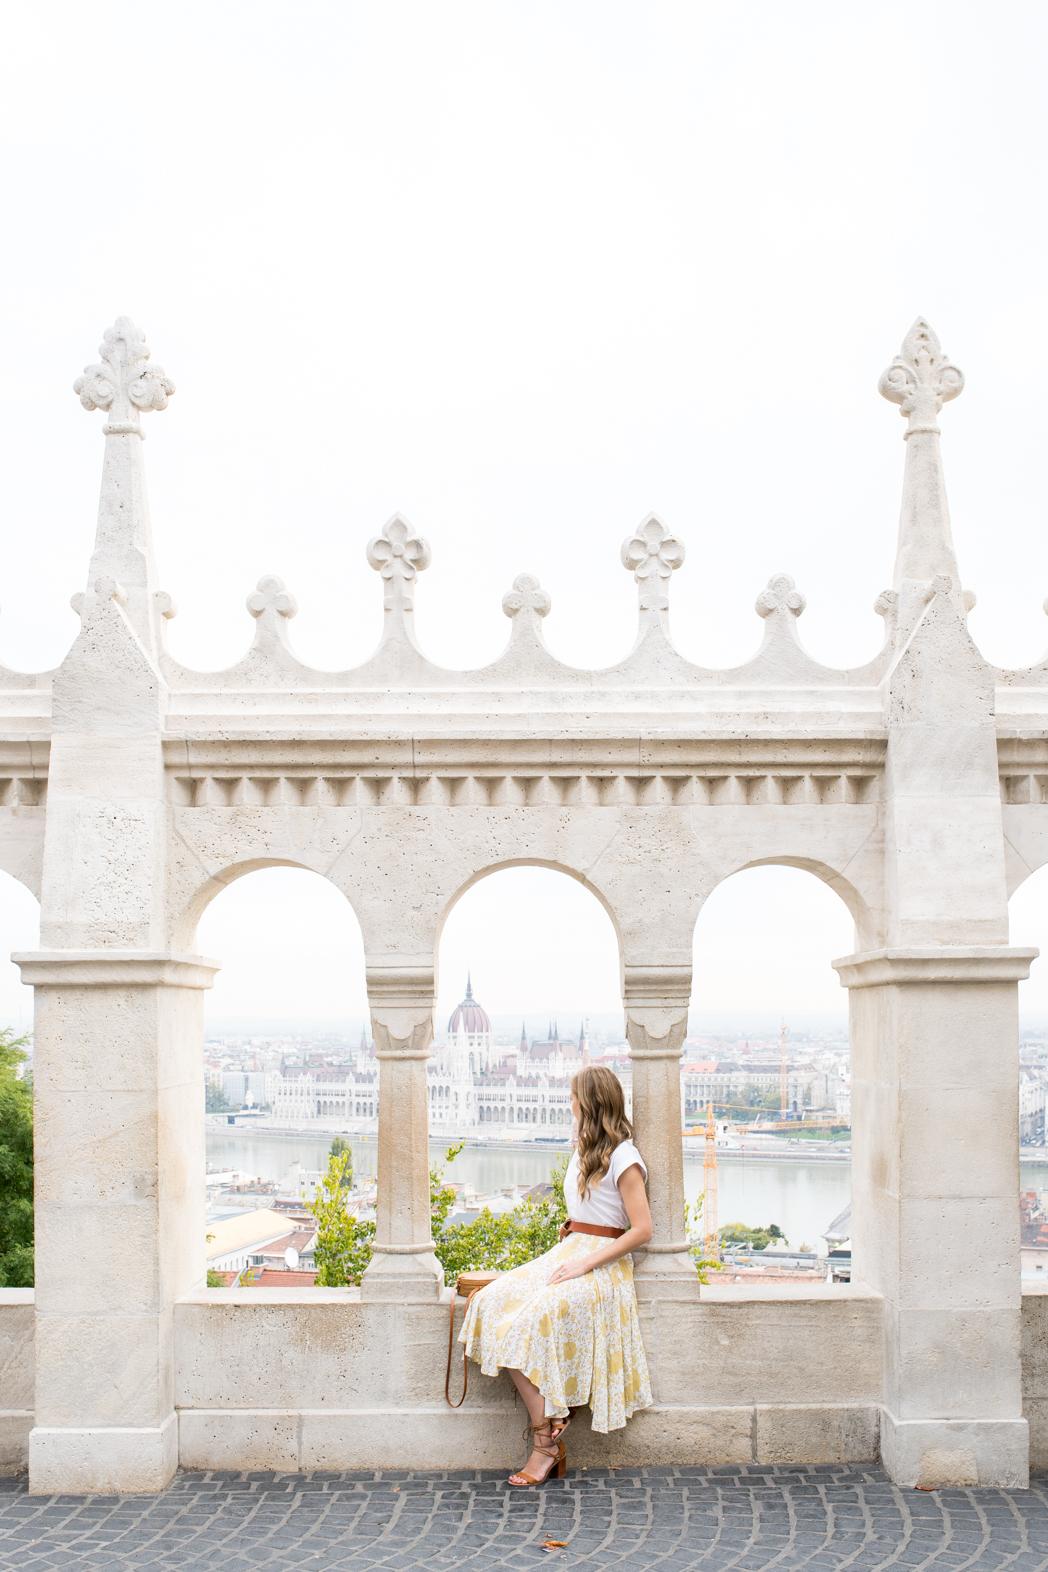 Stacie Flinner Top 10 Things Budapest-41.jpg